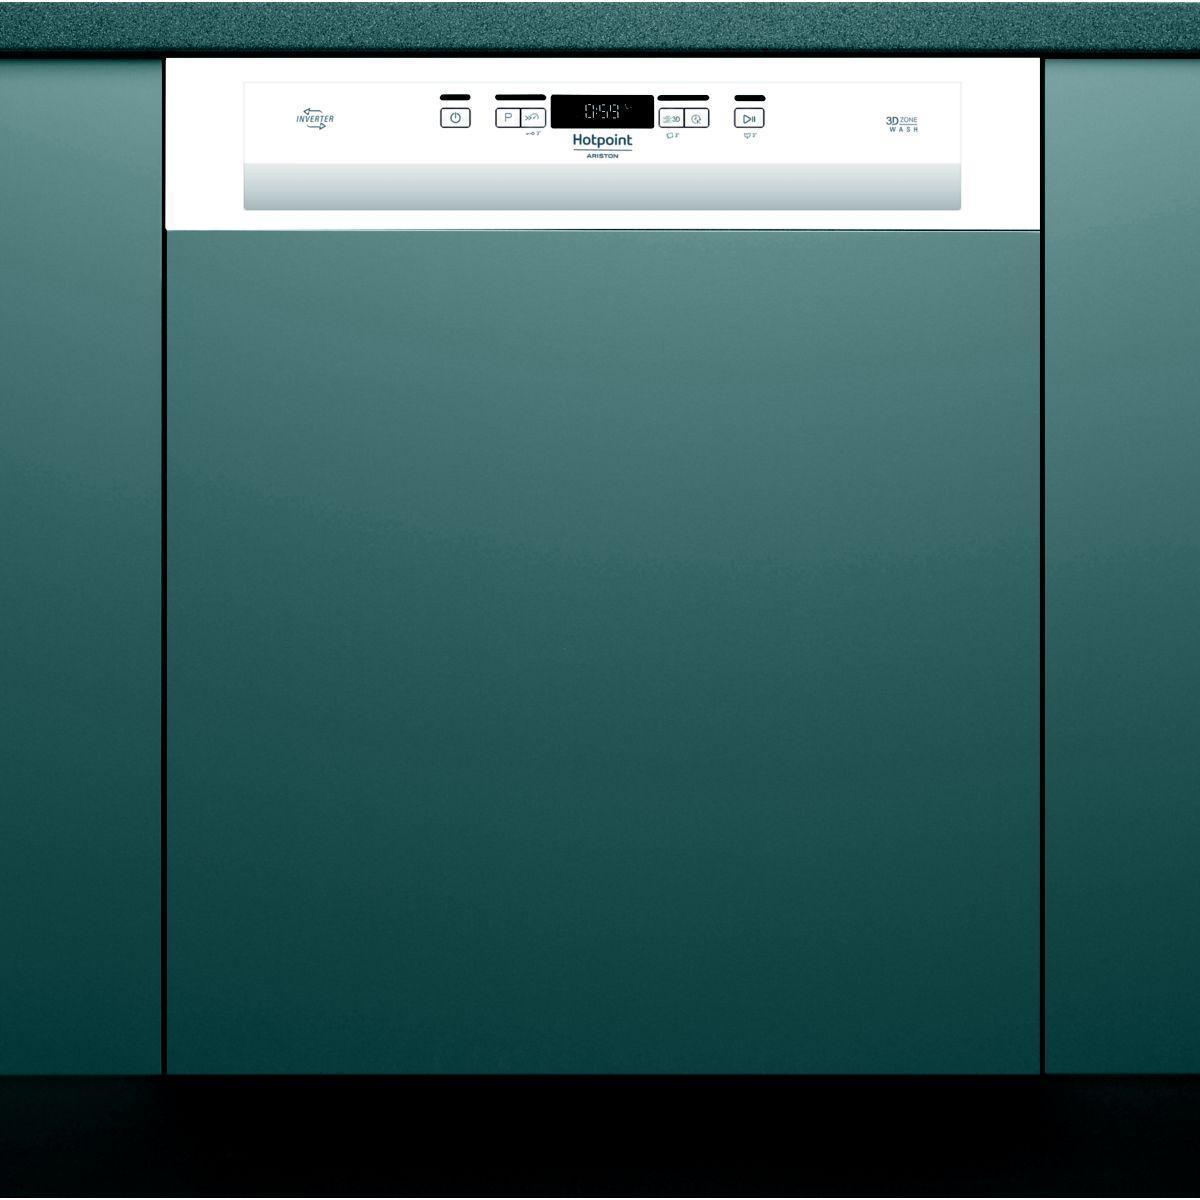 Lave vaisselle encastrable hotpoint hbo3t21w - livraison offer...